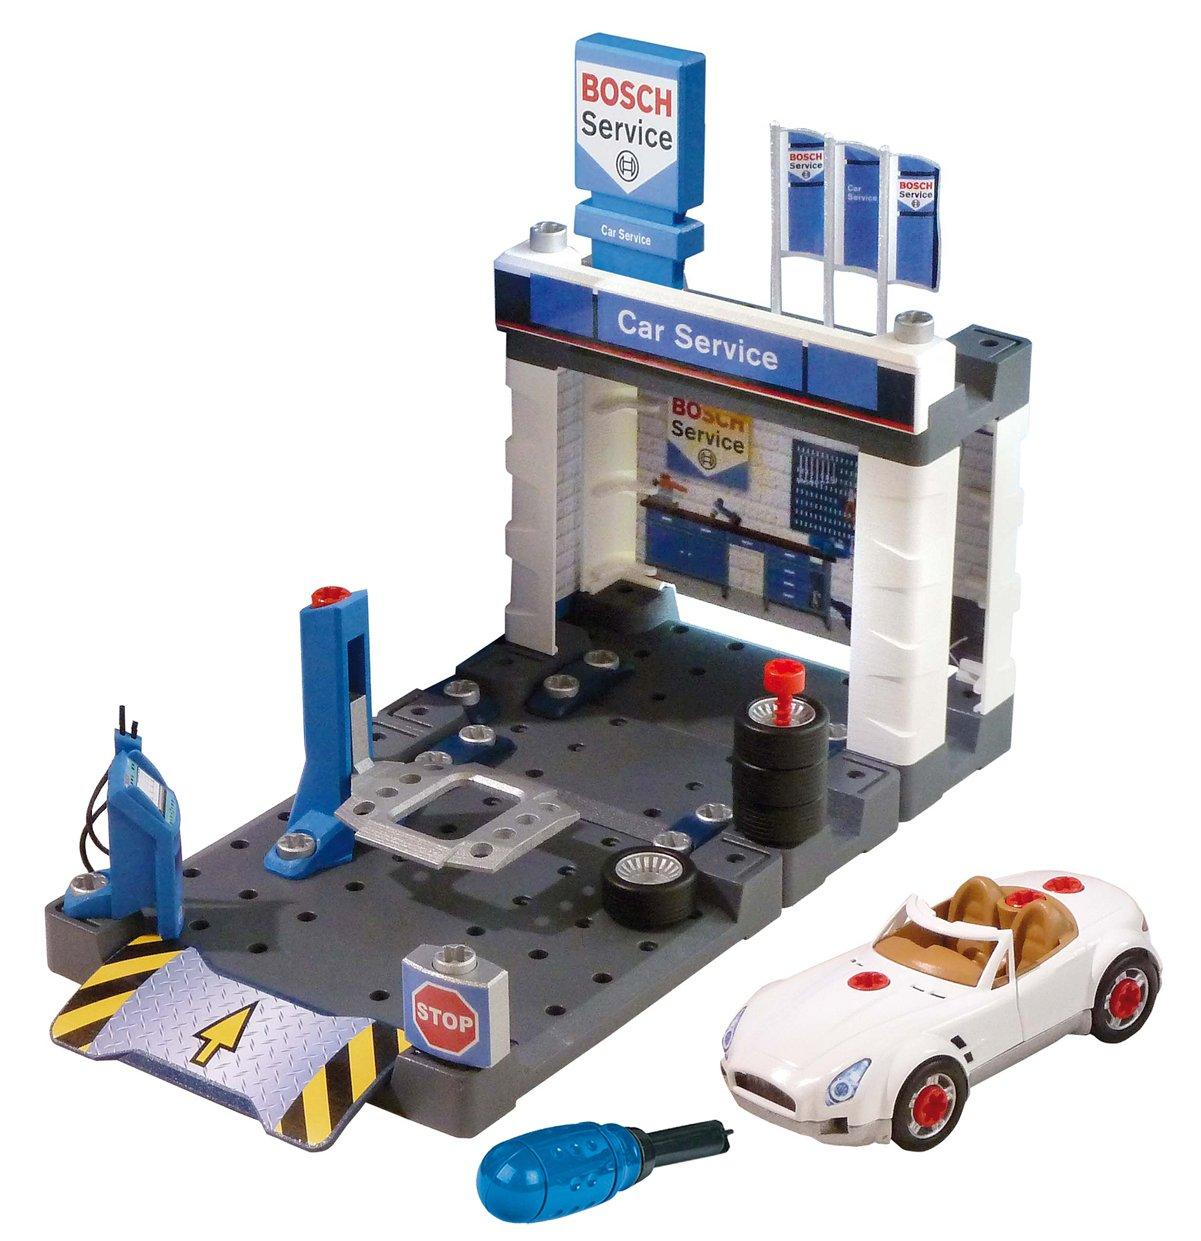 Bosch Werkstatt Kinderspielzeug - Theo Klein 8648 - BOSCH Autowerkstatt